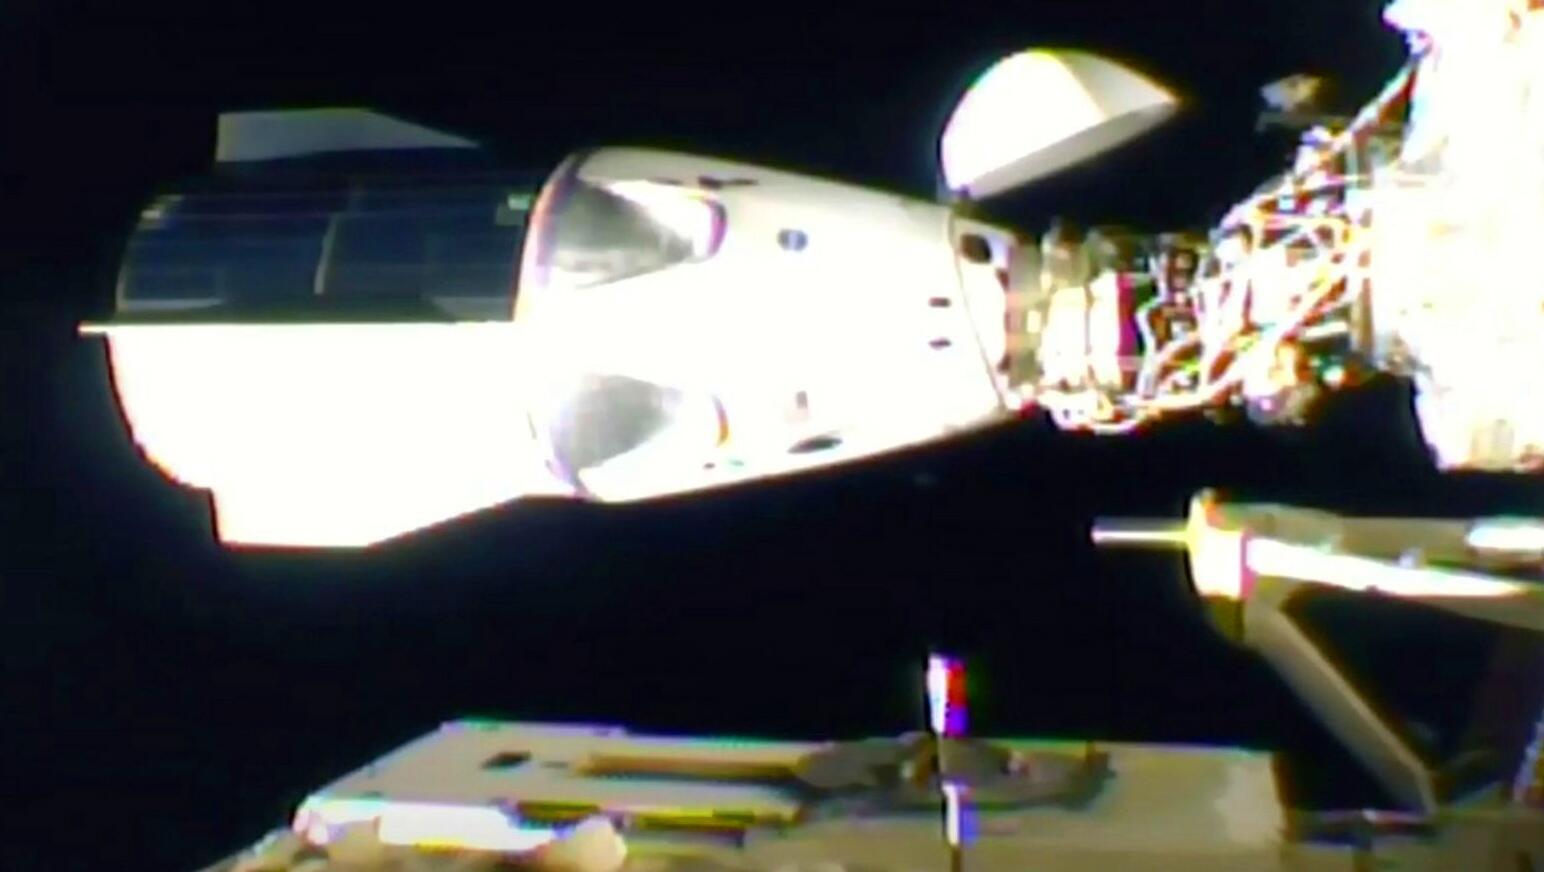 Bild zu Nach Flug mit Raumschiff: Vier Astronauten an ISS angekommen